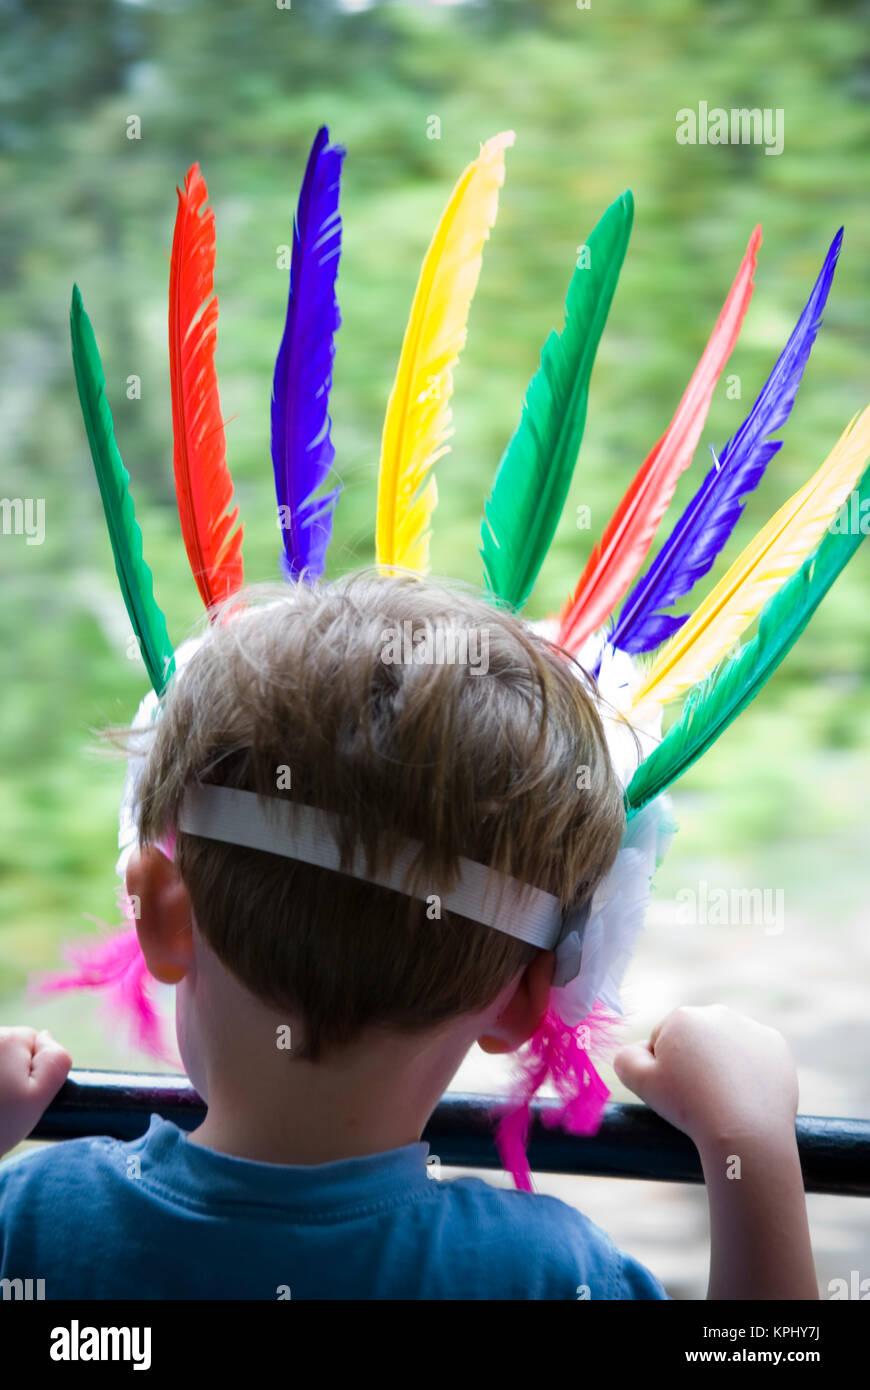 Hintere Aufnahme des Jungen aus der Zug Fenster mit seinem Kopf geschmückt mit bunten Federn headress Stockbild